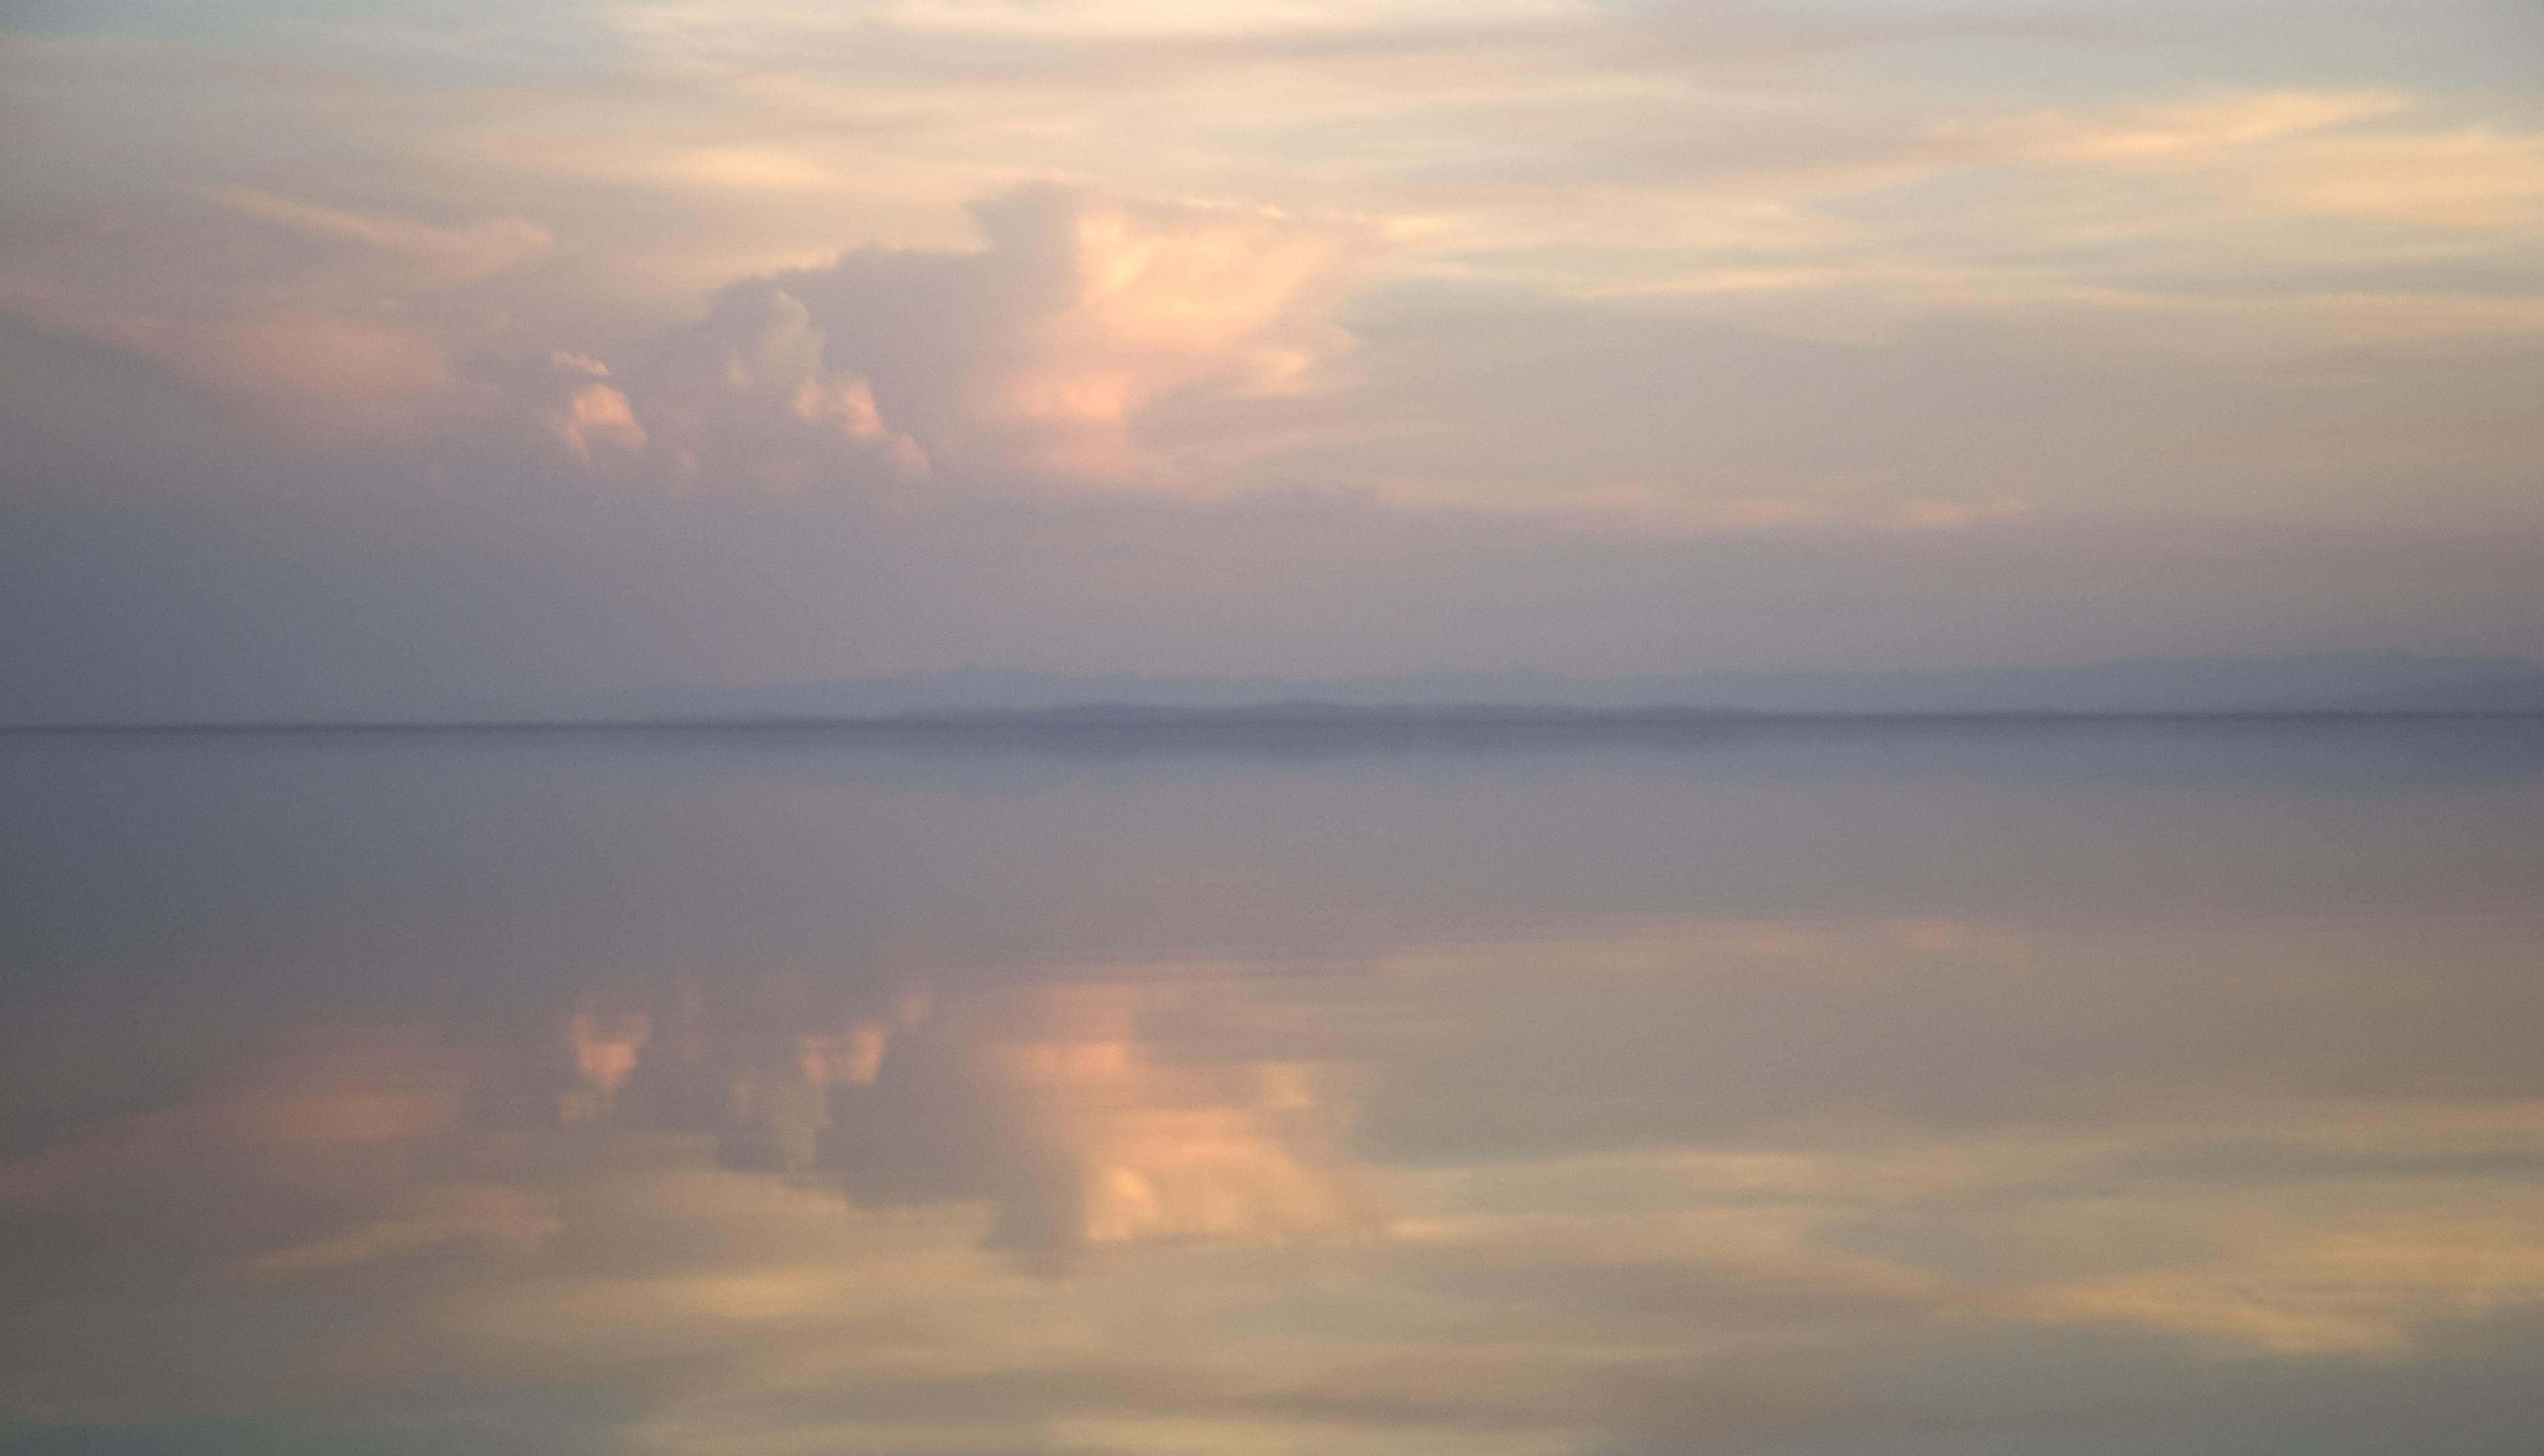 090107dsc_0168 cloud reflection